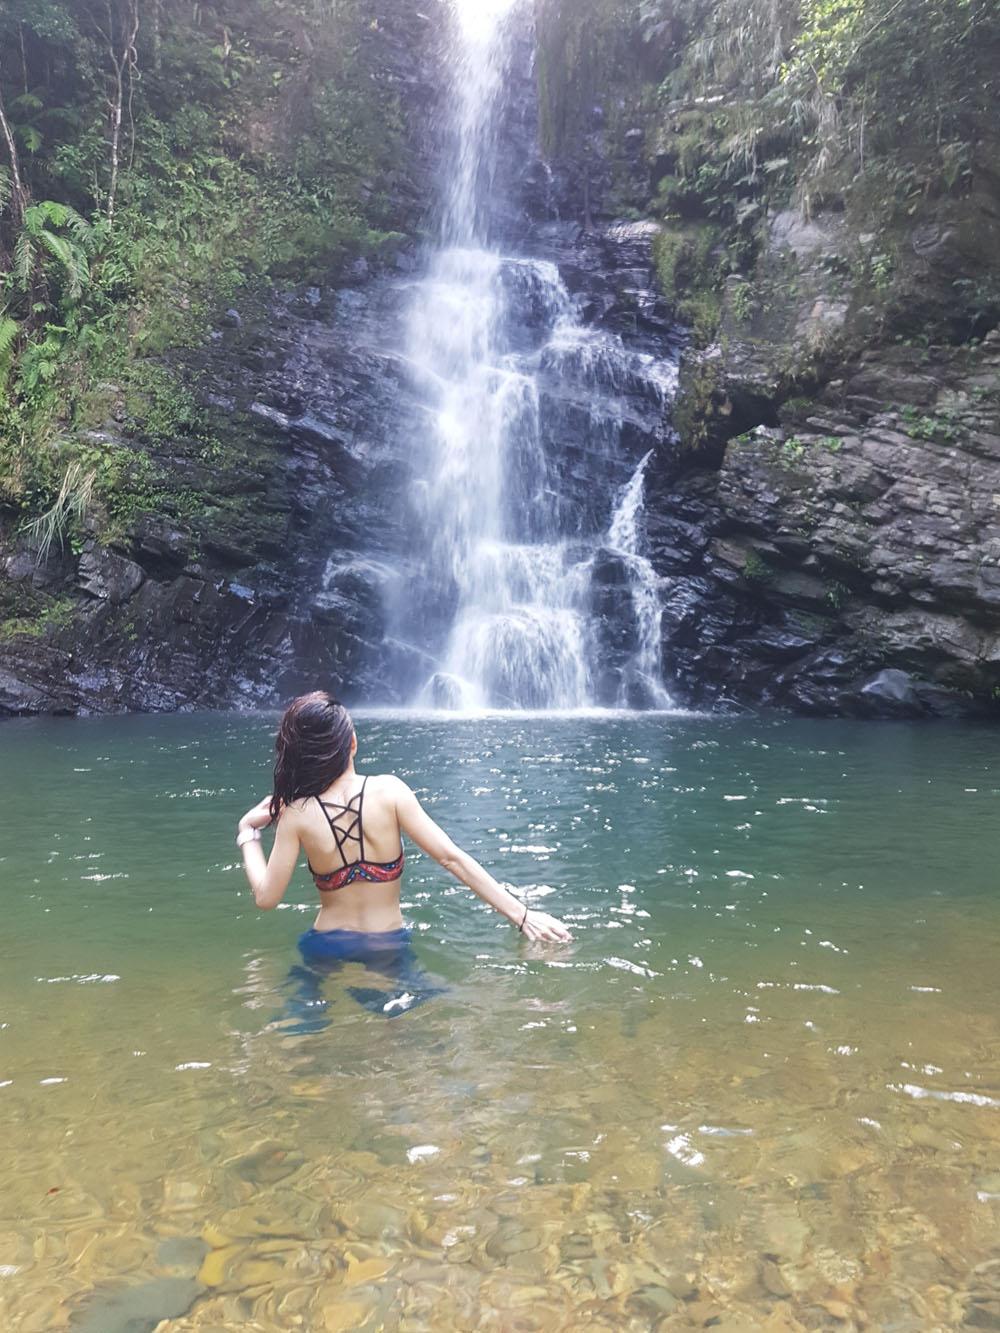 Hira Falls